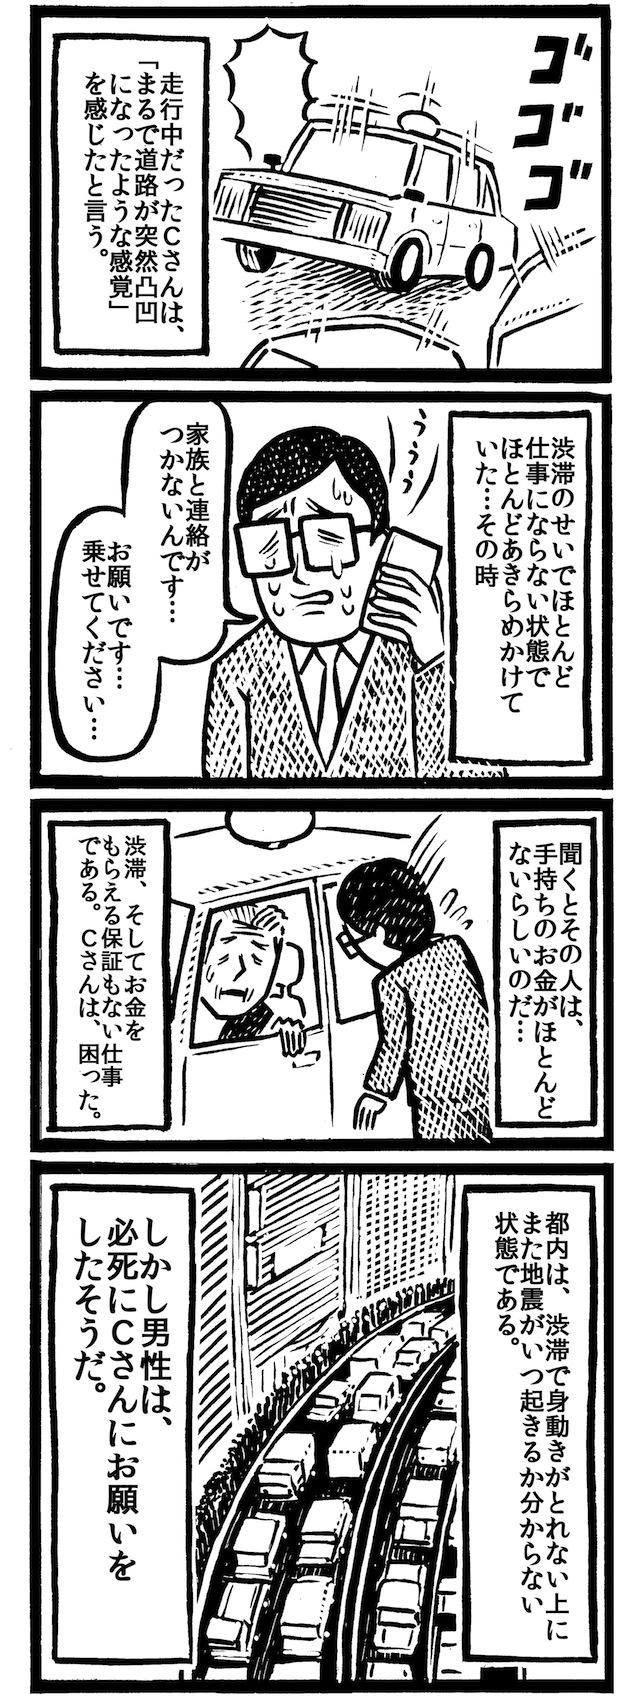 f:id:kakijiro:20151208235627j:plain